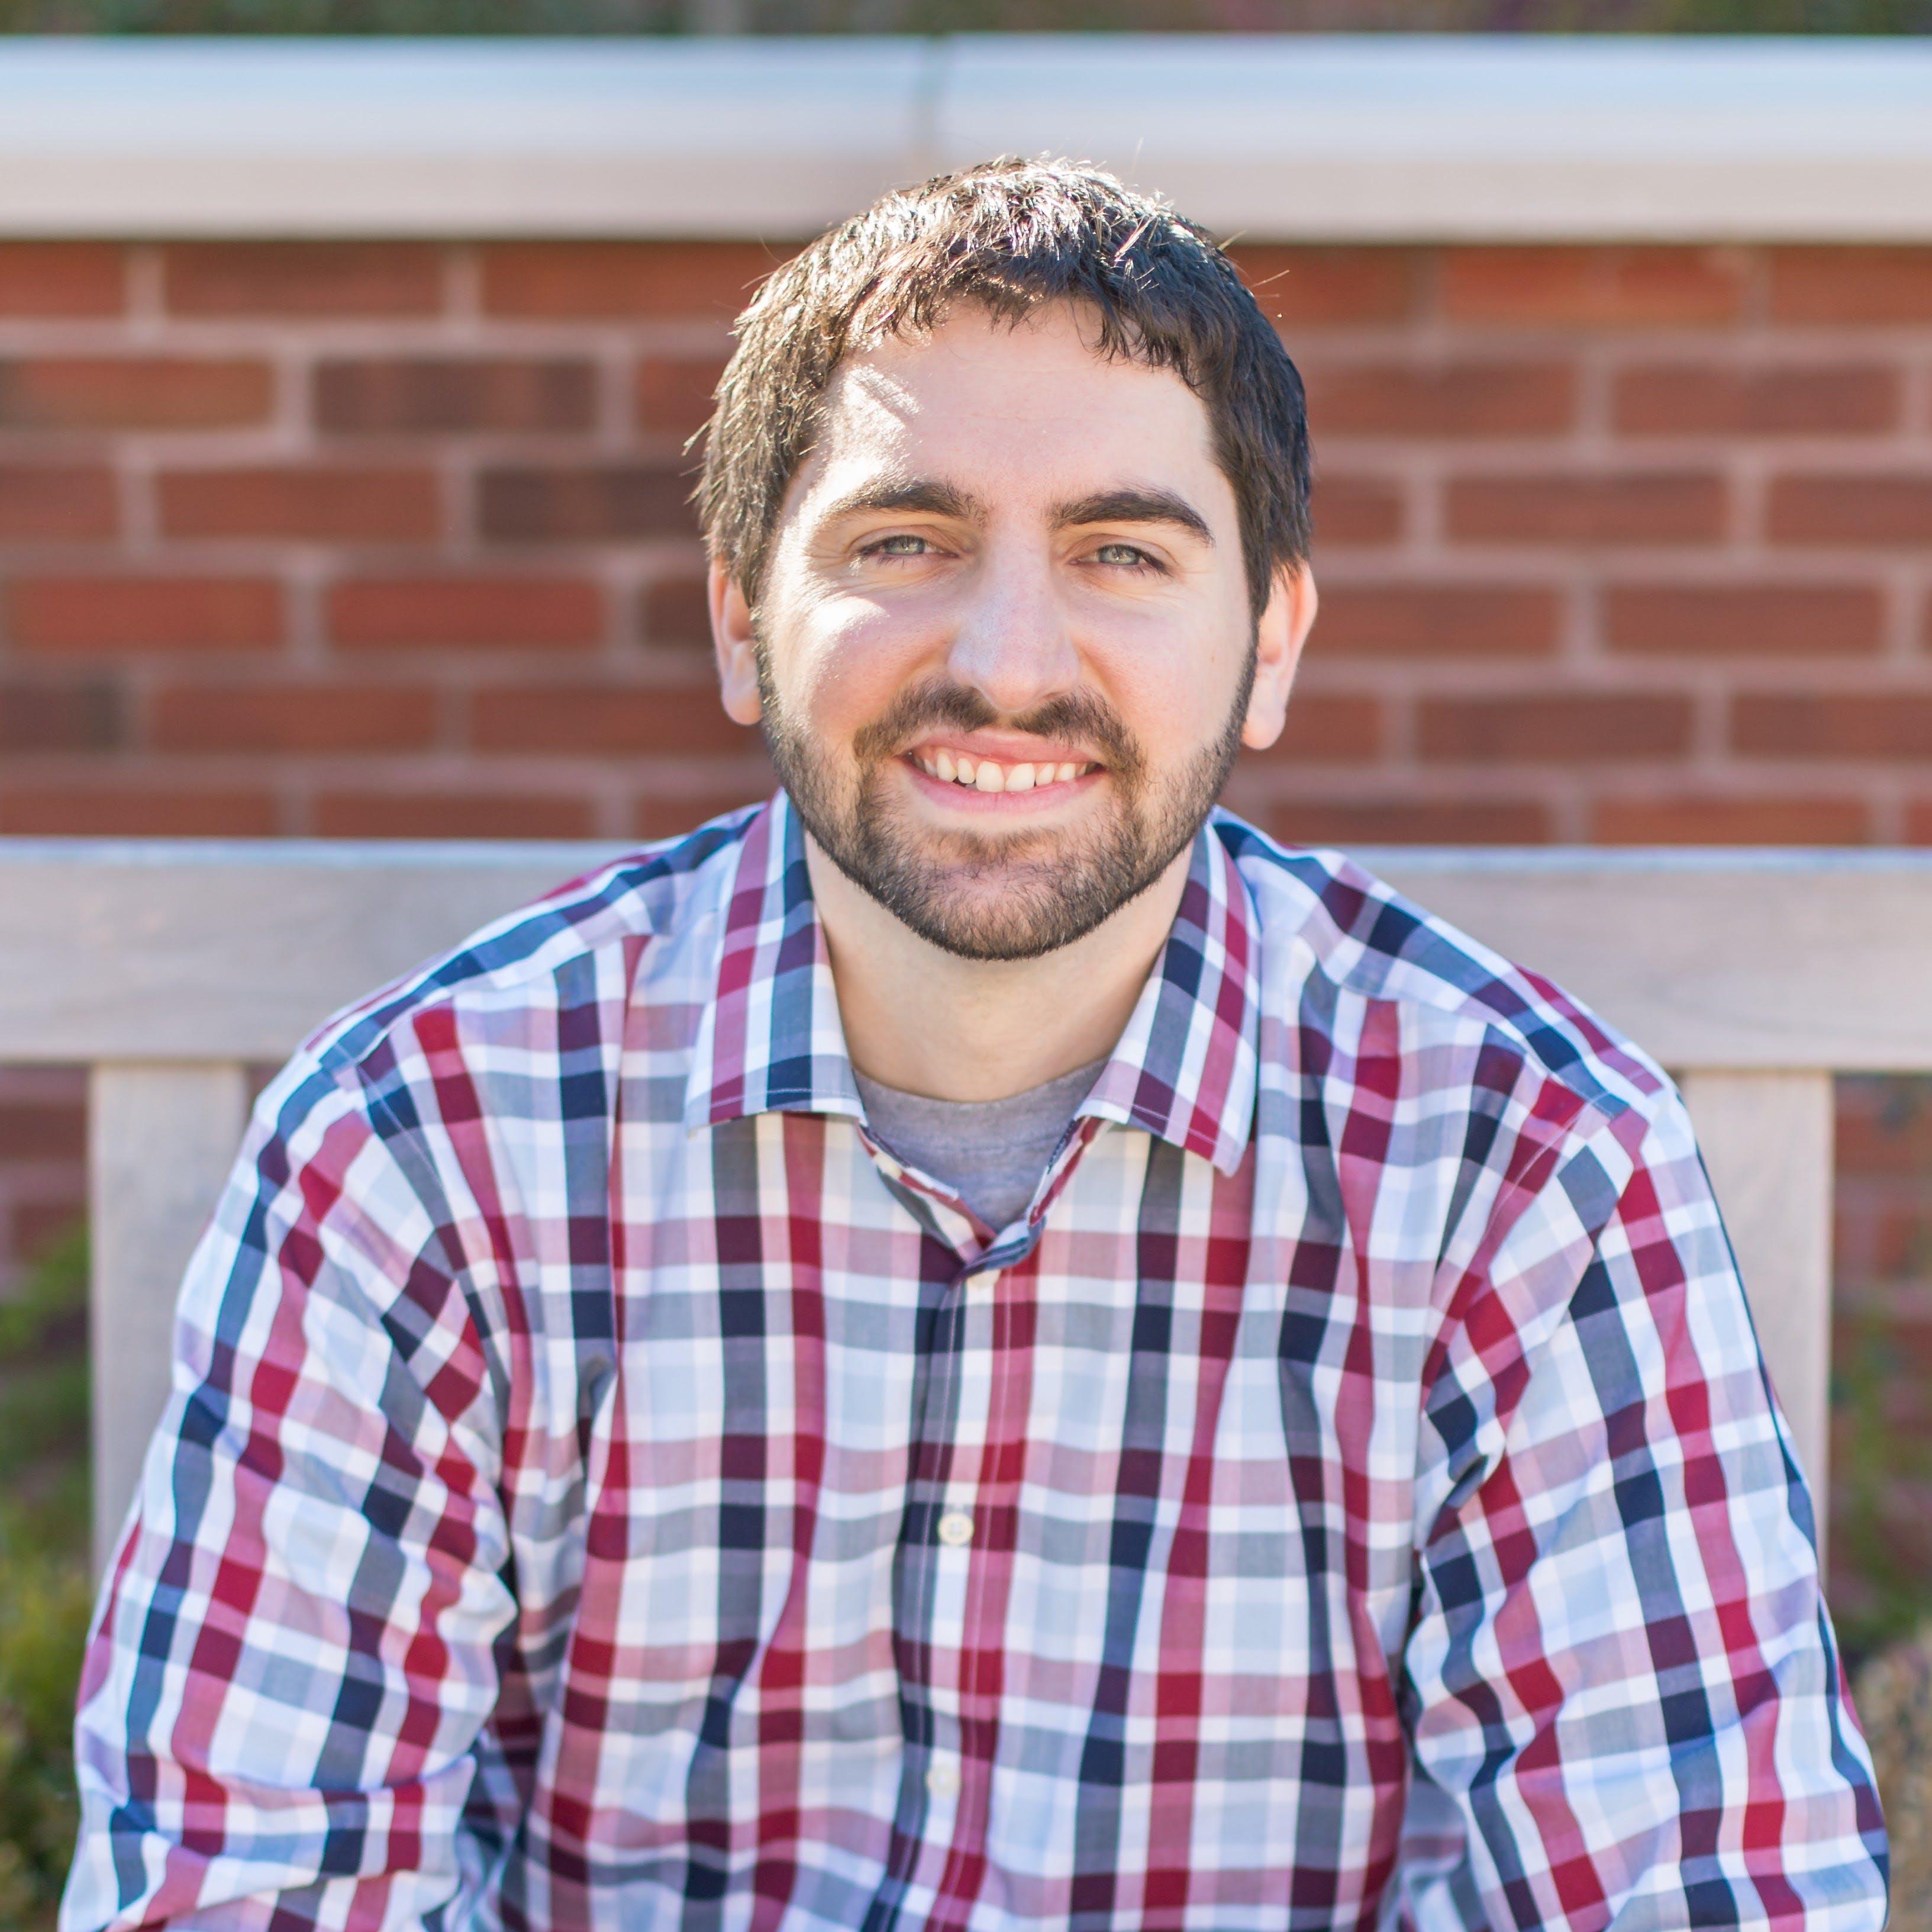 Duncan profile pic ahkvexjstr